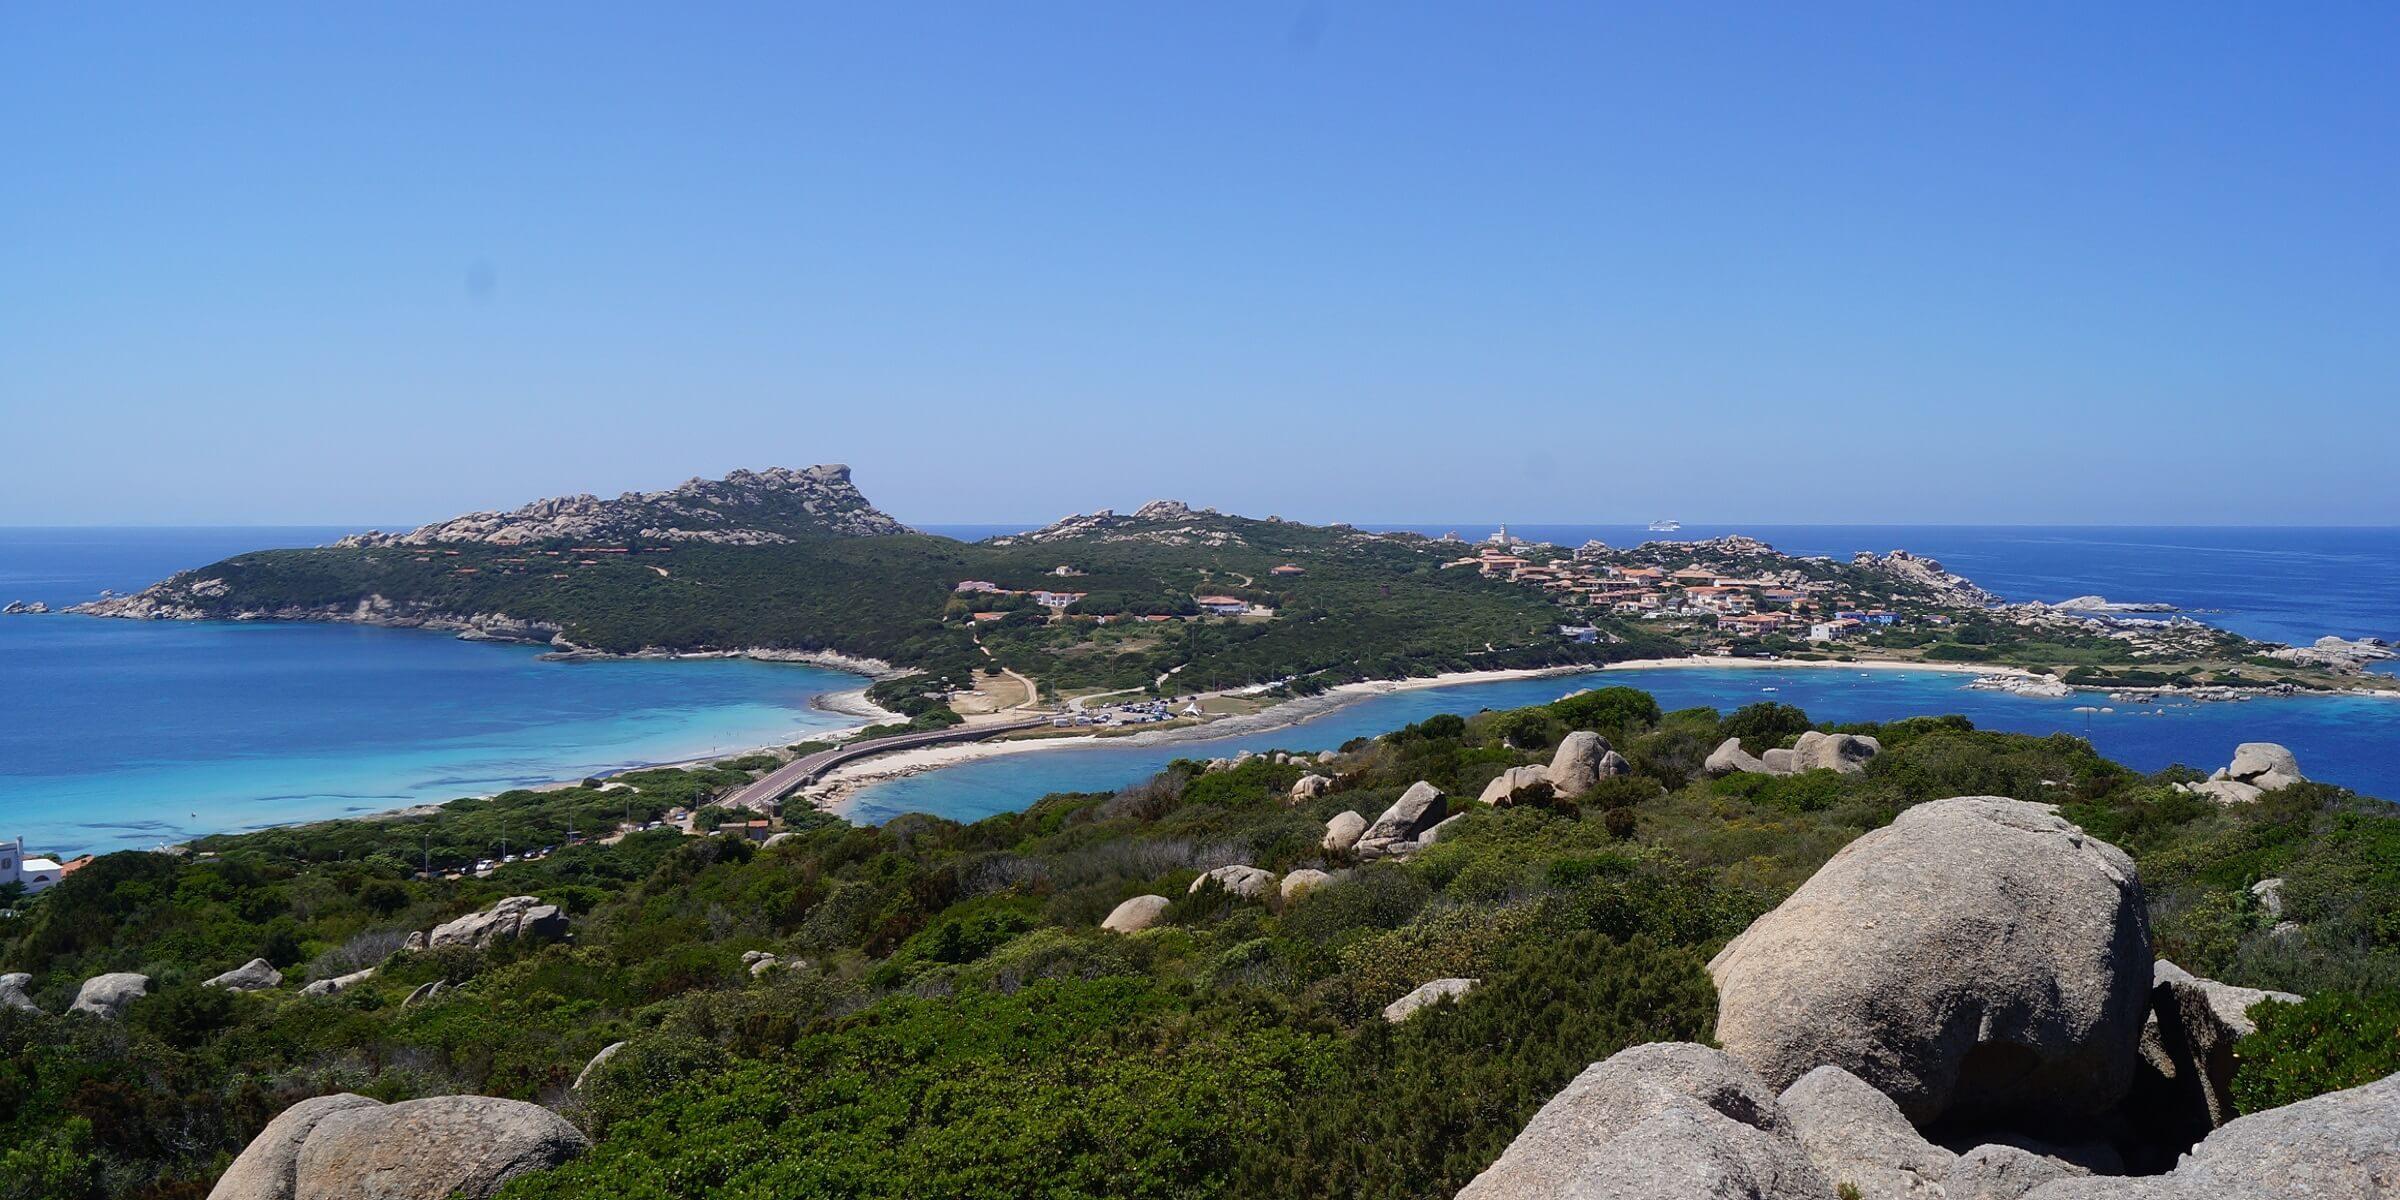 Die Insellandschaft auf Sardinien